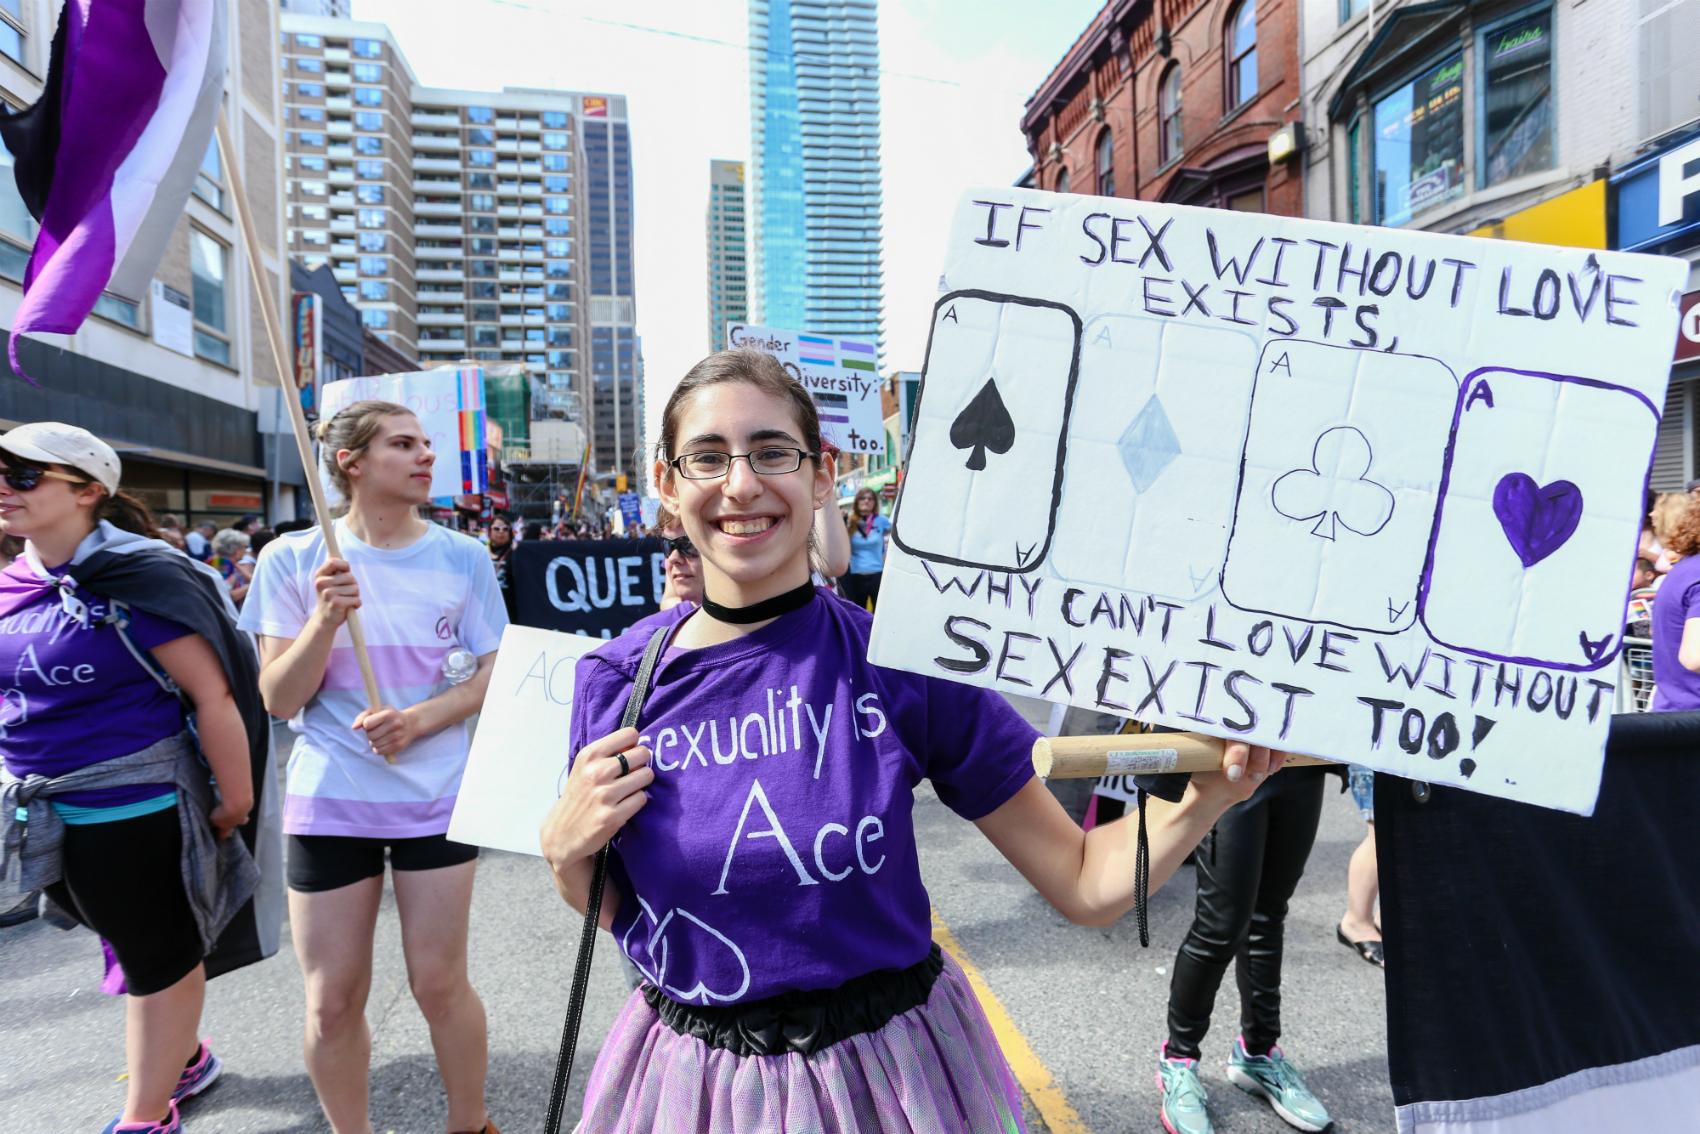 Marsz osób aseksualnych w Toronto, w Kanadzie (fot: Shutterstock.com)